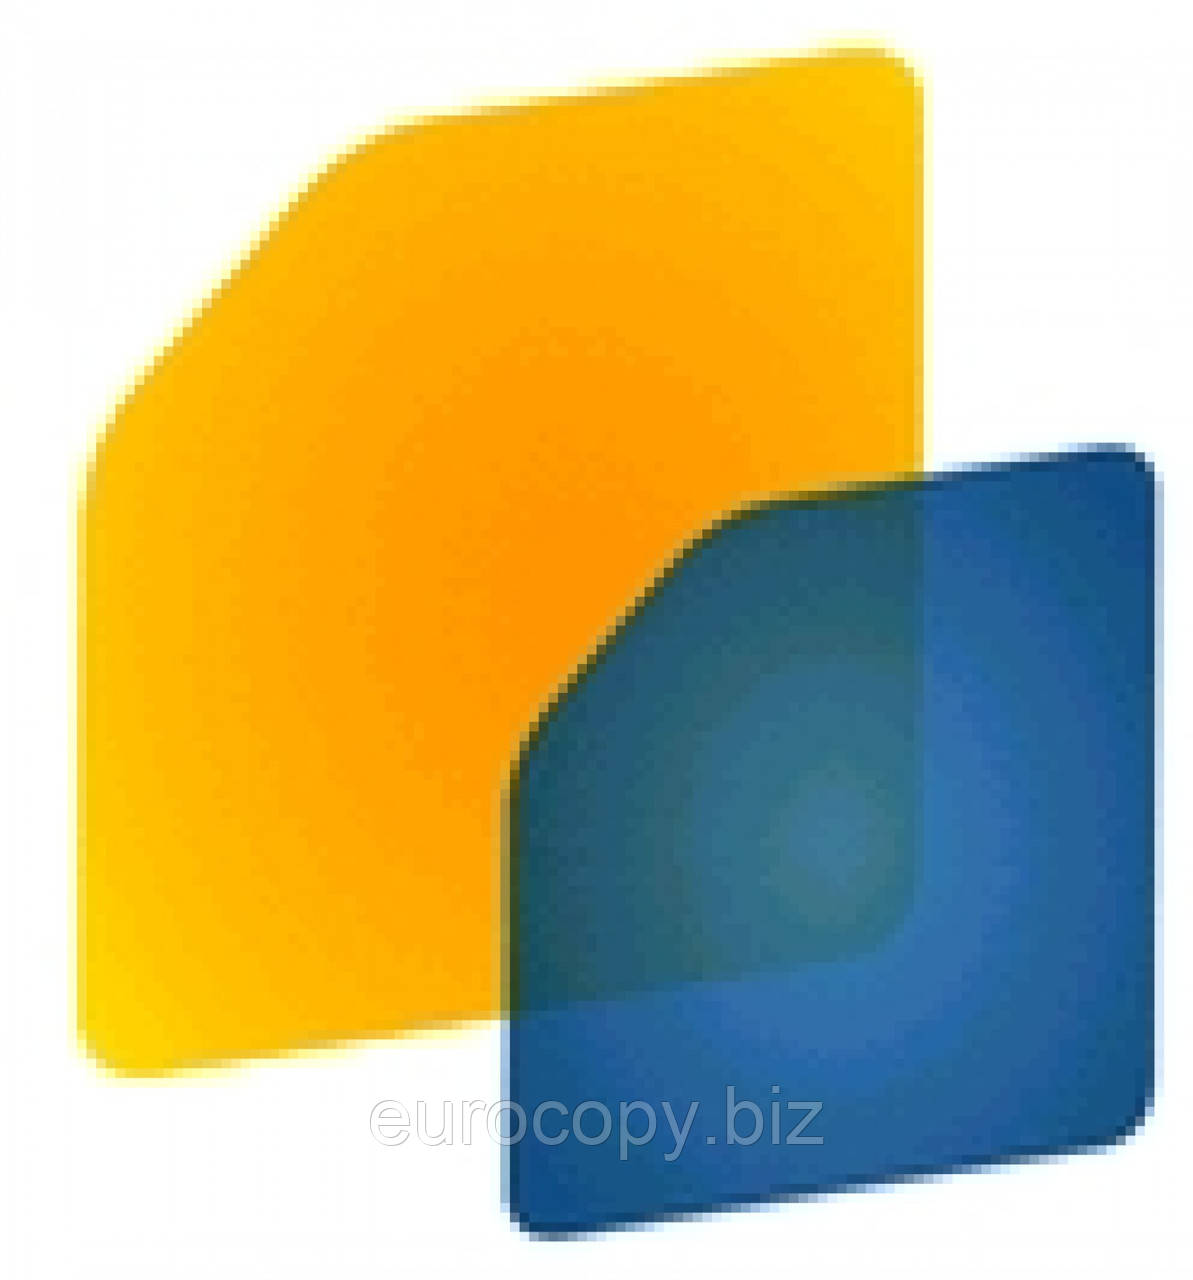 Фотокондуктор EP-CART-M-C823/833/843